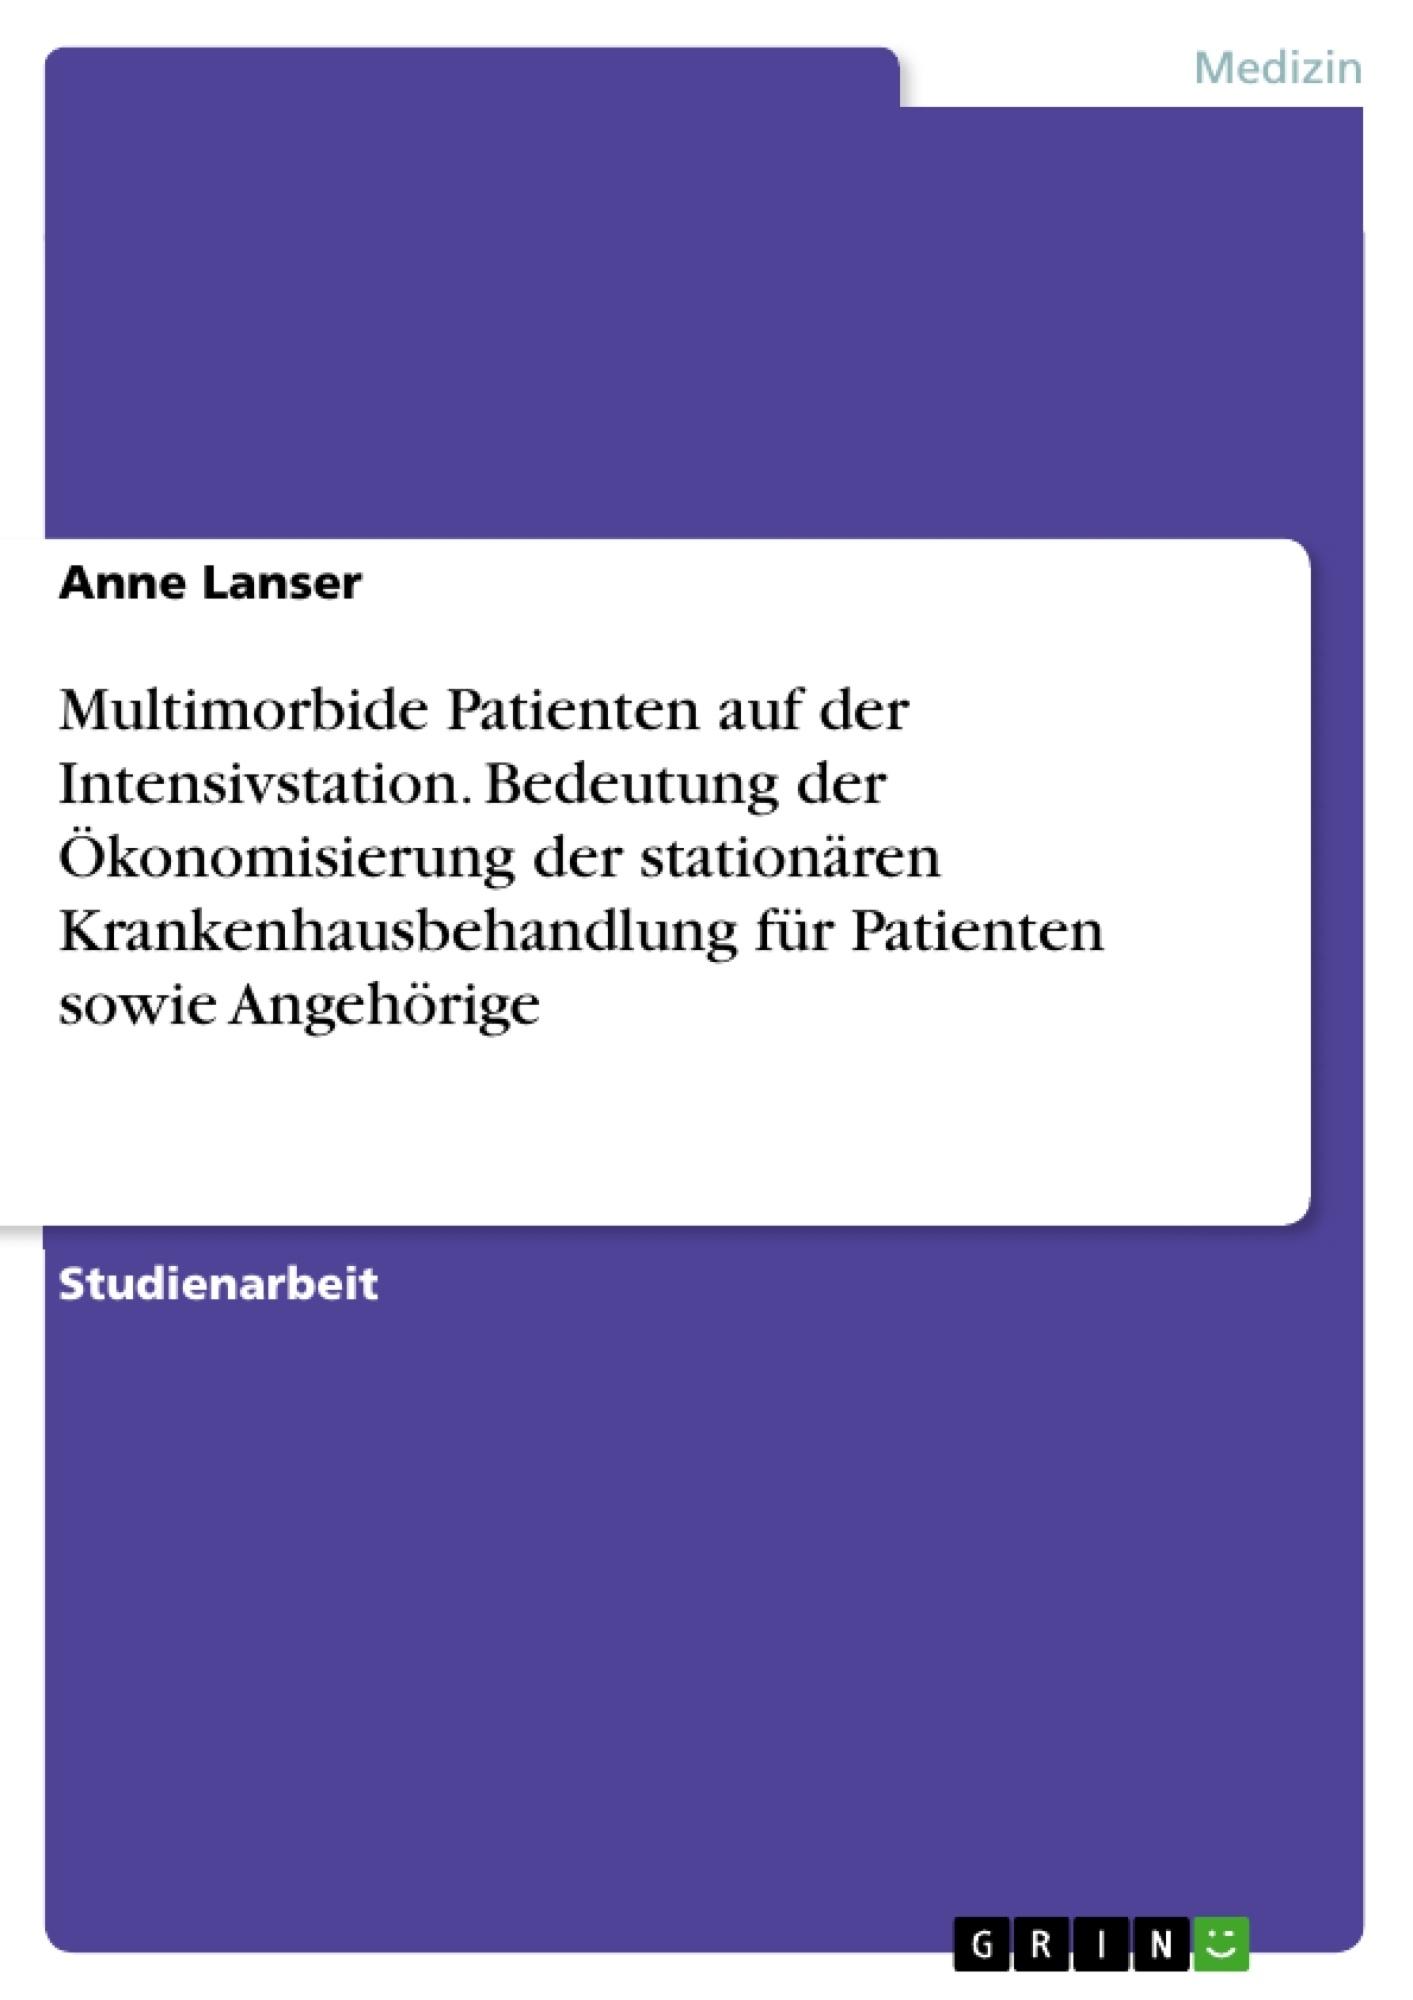 Titel: Multimorbide Patienten auf der Intensivstation. Bedeutung der Ökonomisierung der stationären Krankenhausbehandlung für Patienten sowie Angehörige